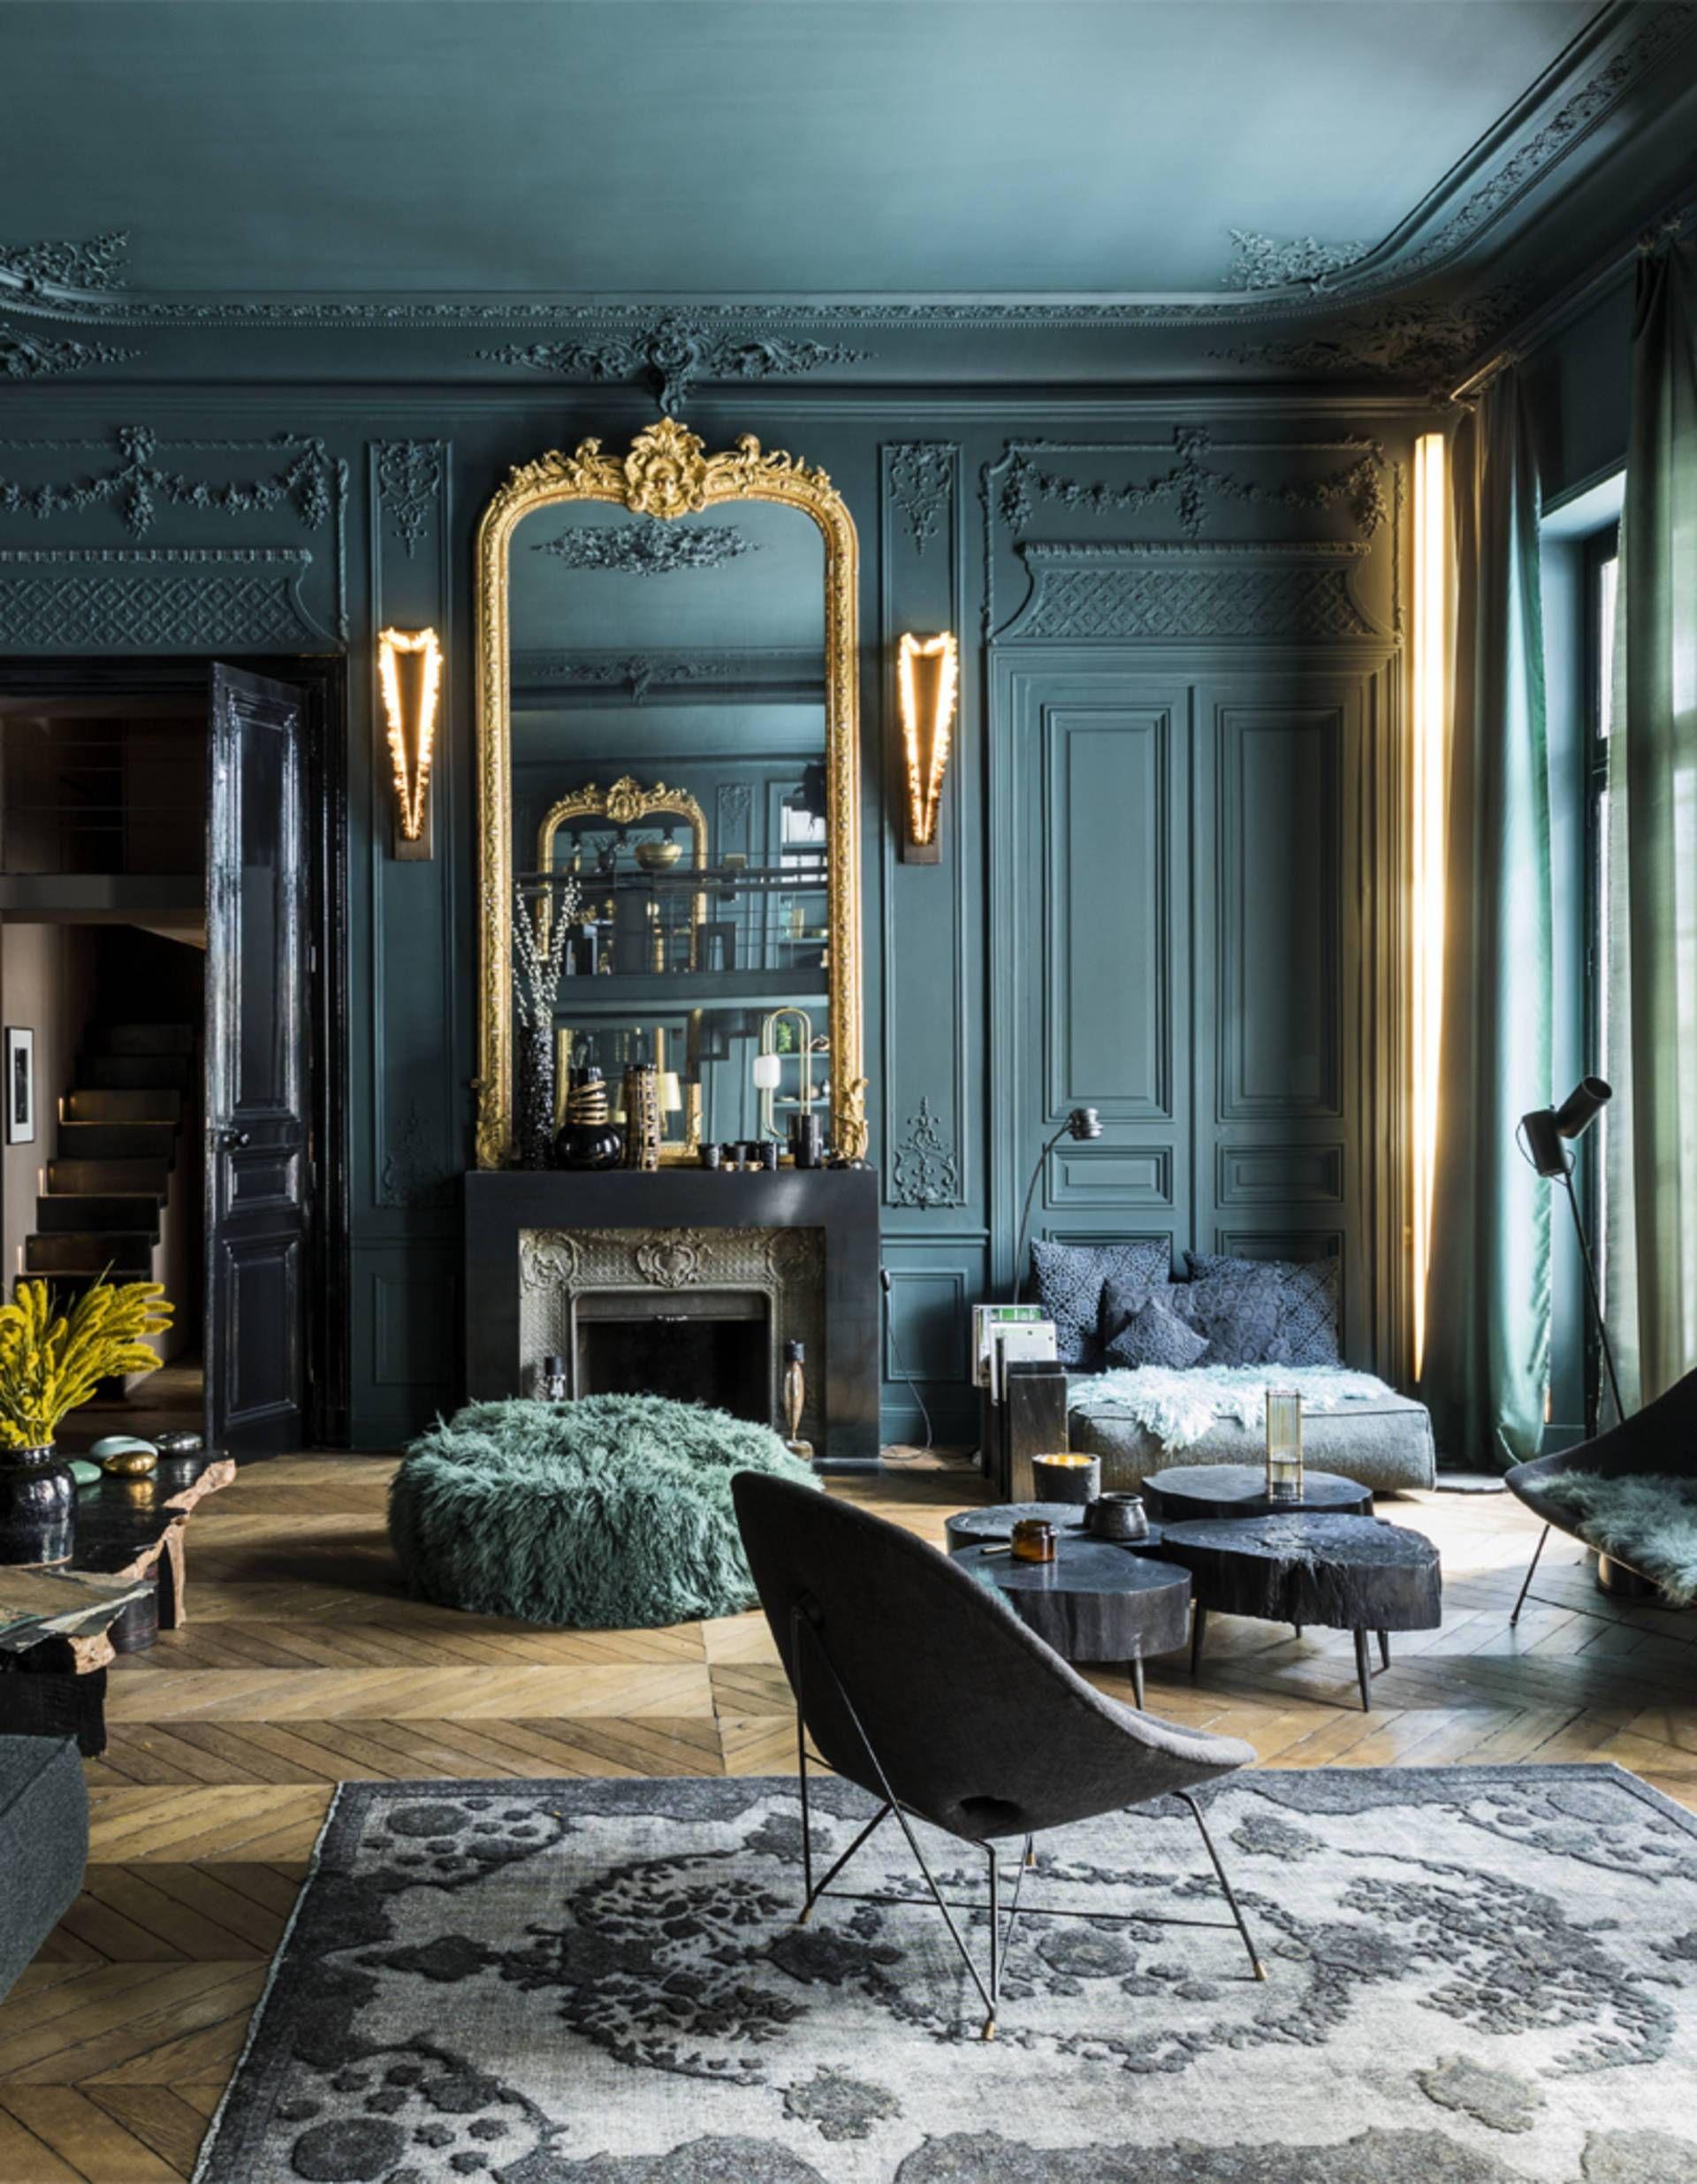 parijs appartement interieurs interieurontwerp voor appartementen interieur ontwerpen woonideen parijs appartement